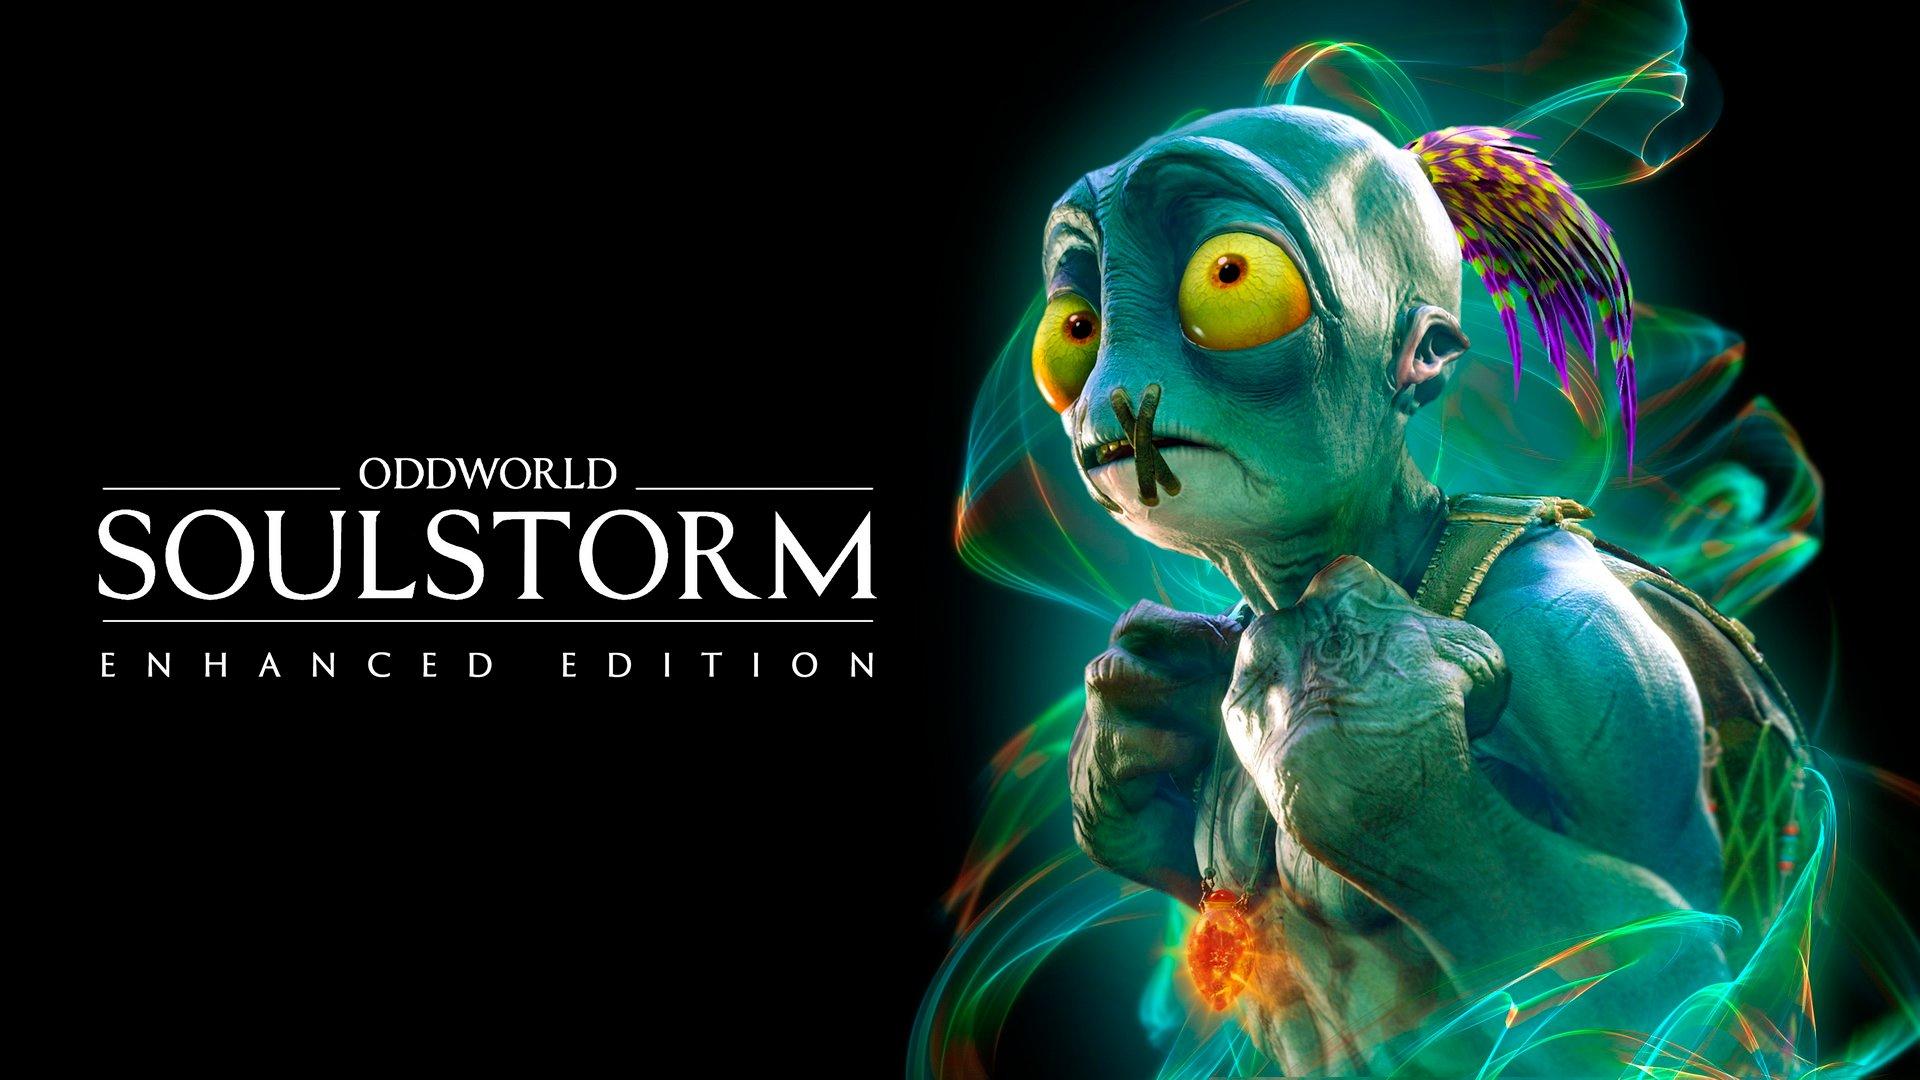 Oddworld Soulstorm Enhanced Edition s'annonce et présente ses éditions - L'exode plus confortable